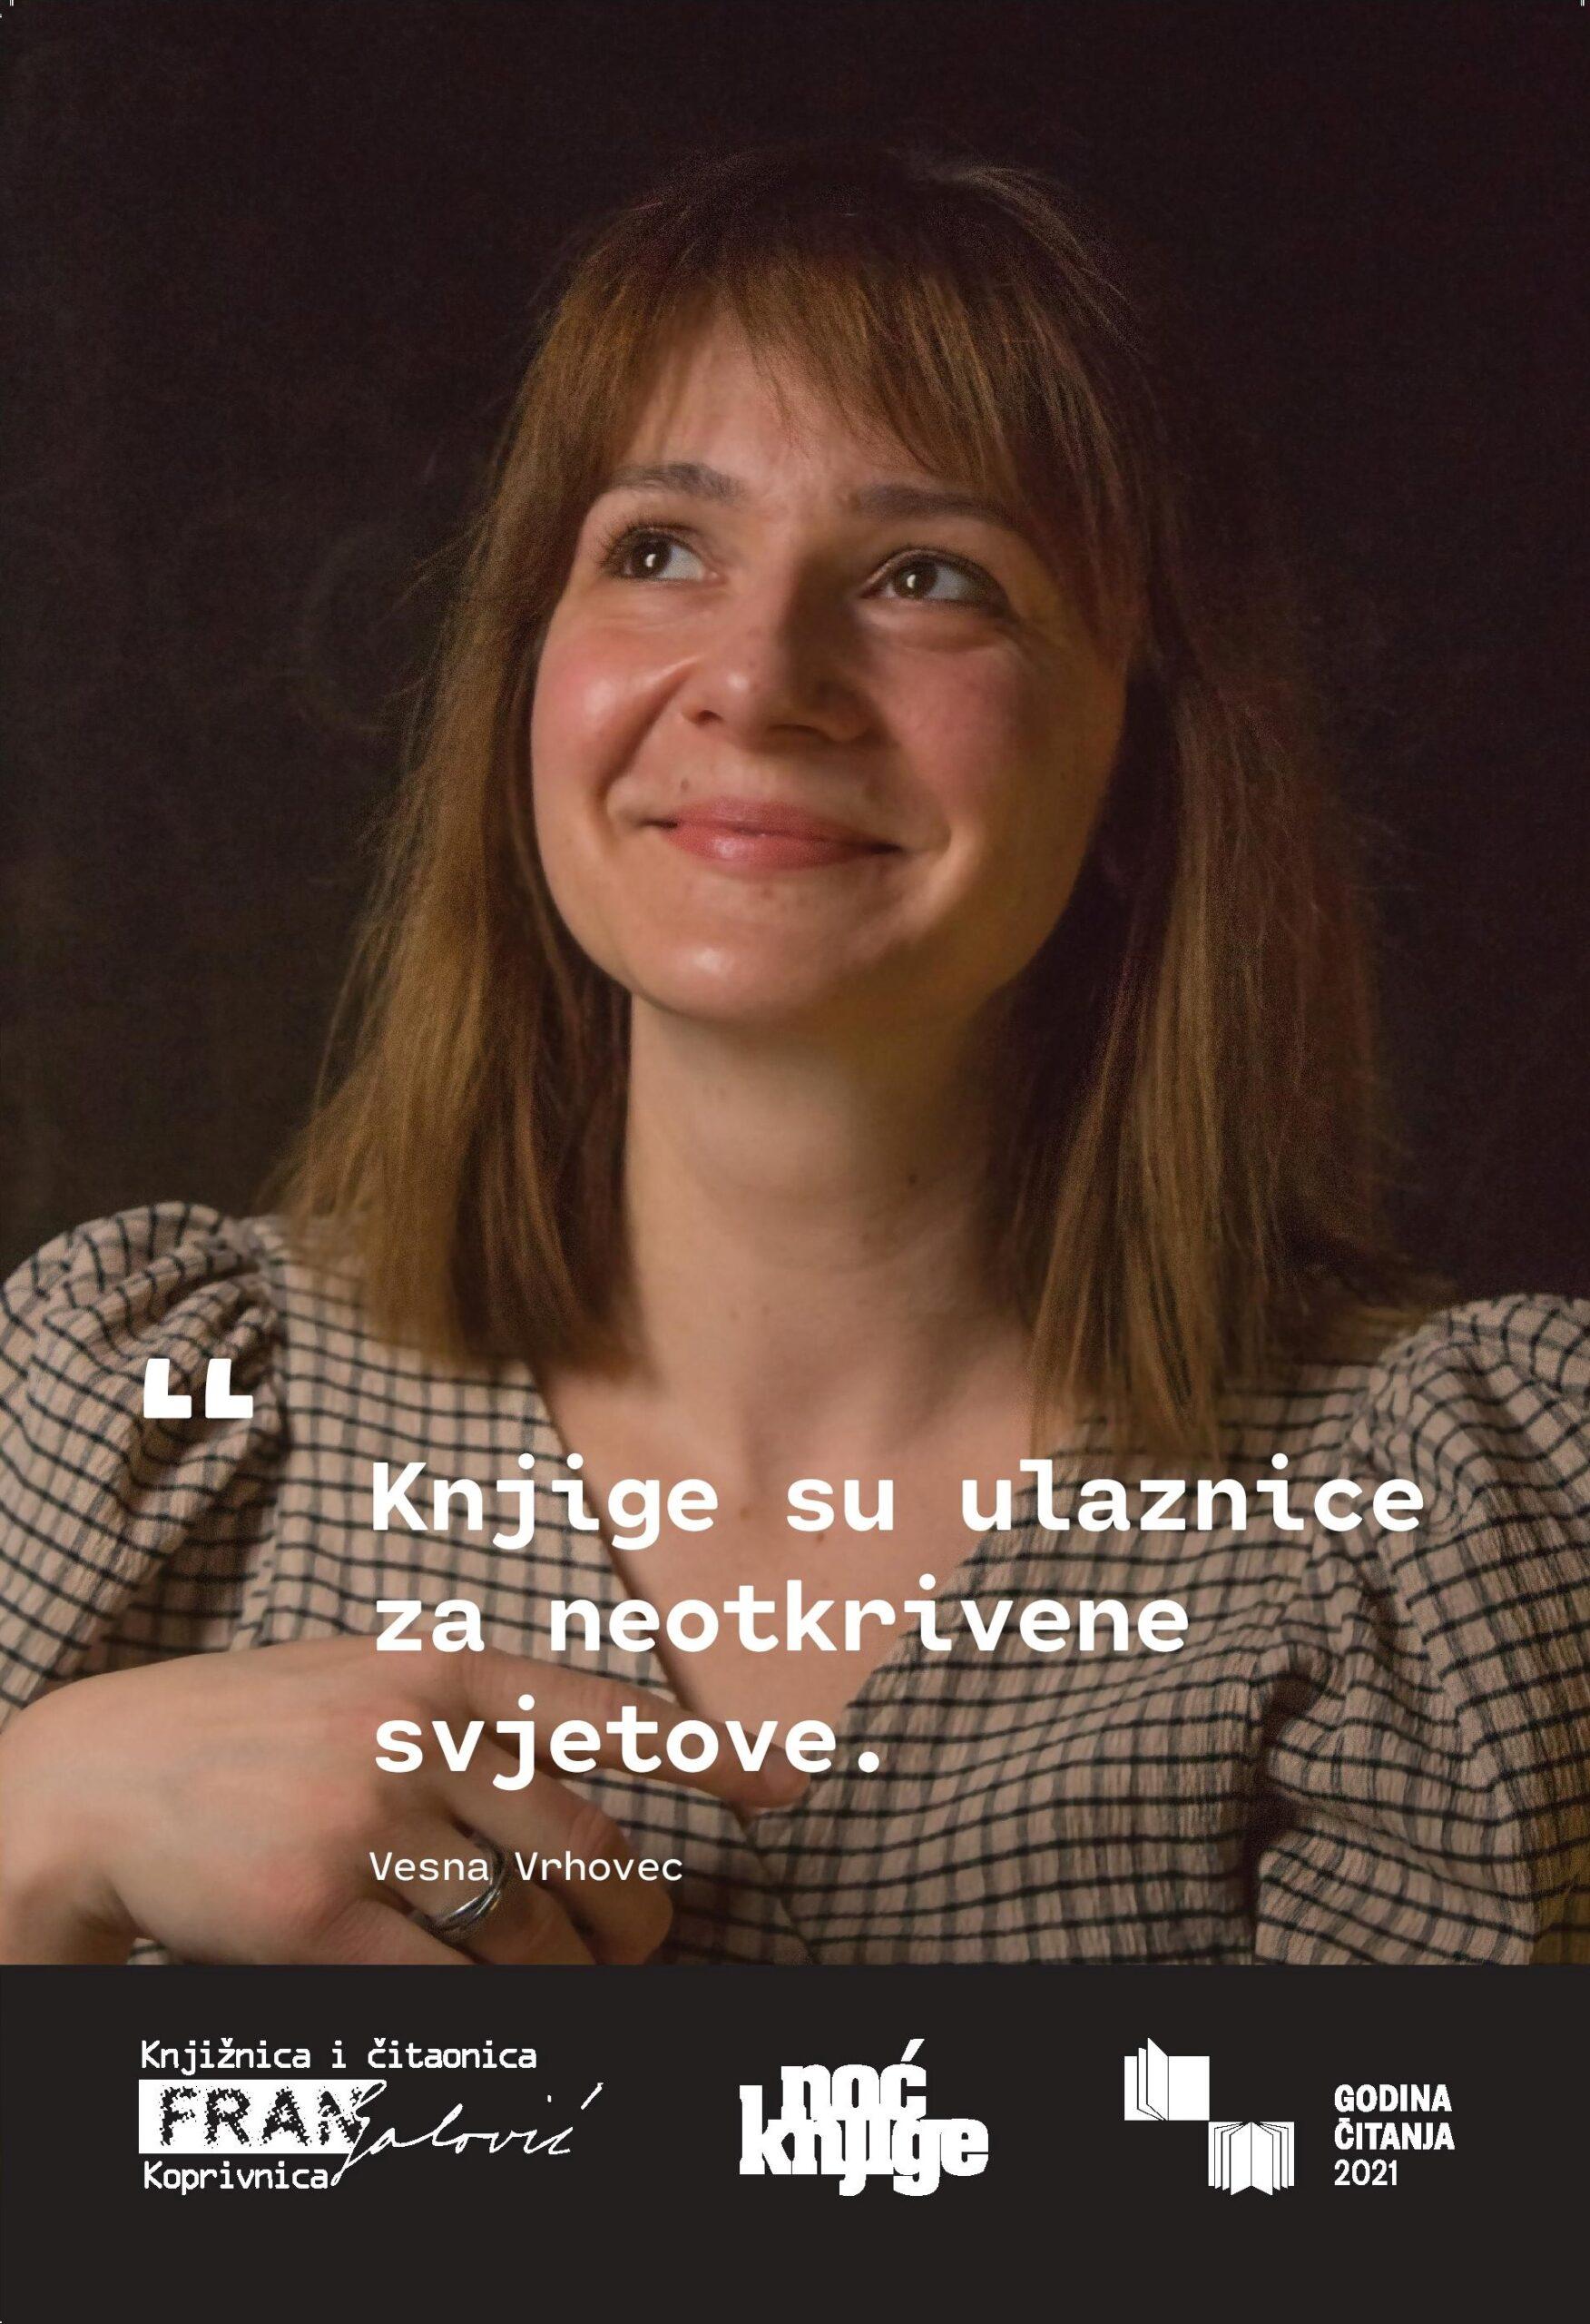 Vesna Vrhovec